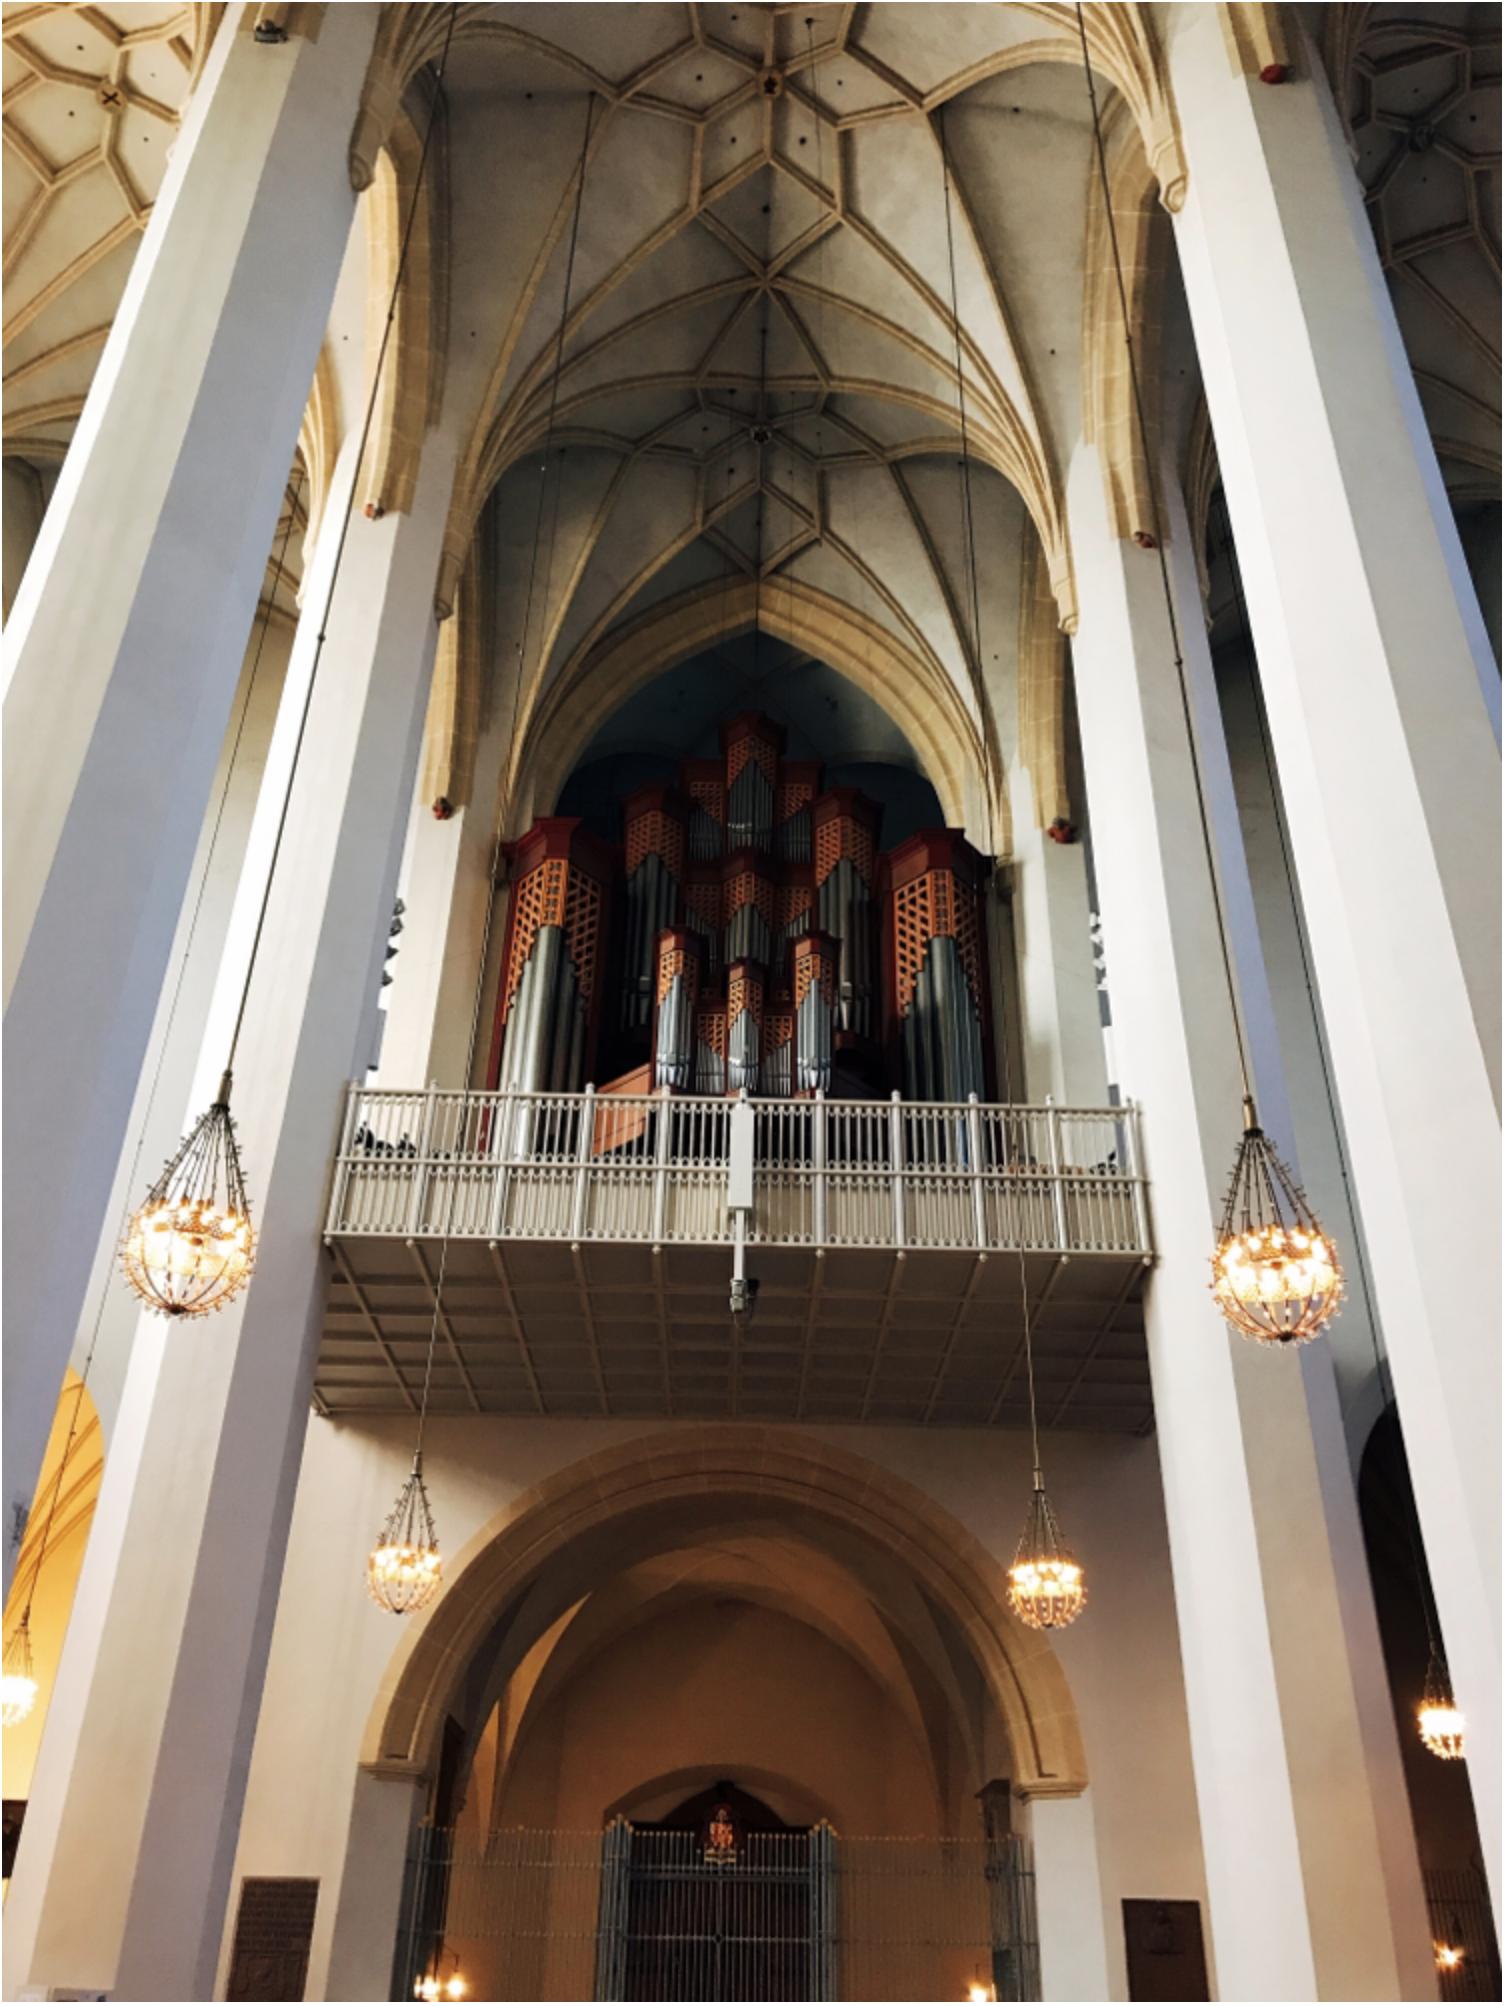 ミュンヘン市内観光 フラウエン教会5